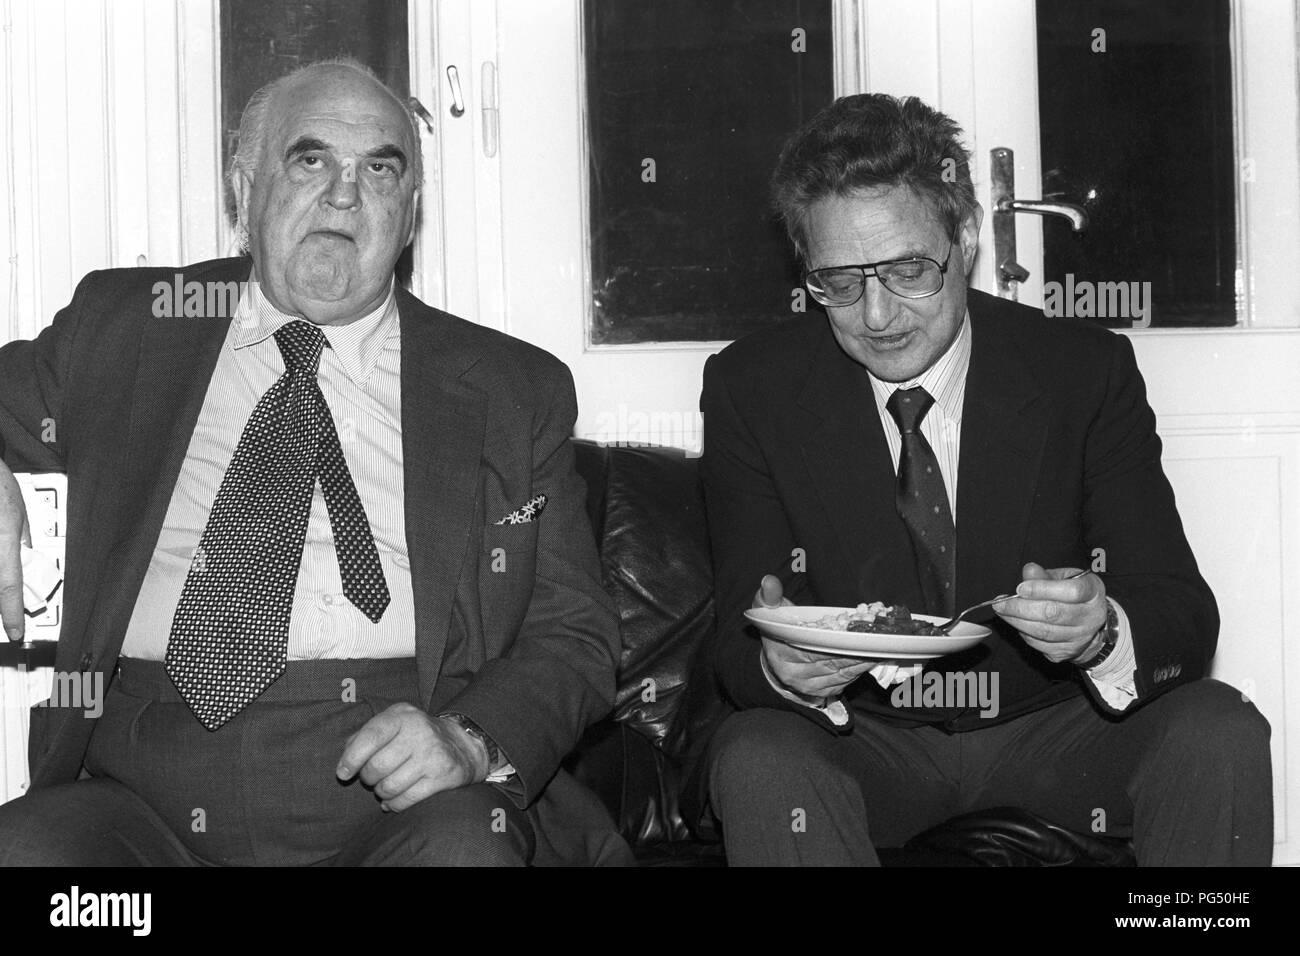 Lord George Weidenfeld (à gauche) et George Soros Lors d'une réunion de l'IWM (Institut für die Wissenschaft Vom Menschen, Anglais: Institut des Sciences Humaines) à Vienne. Weidenfeld a été journaliste et conseiller du gouvernement israélien. Soros est apparu particulièrement en tant qu'investisseur. Banque D'Images